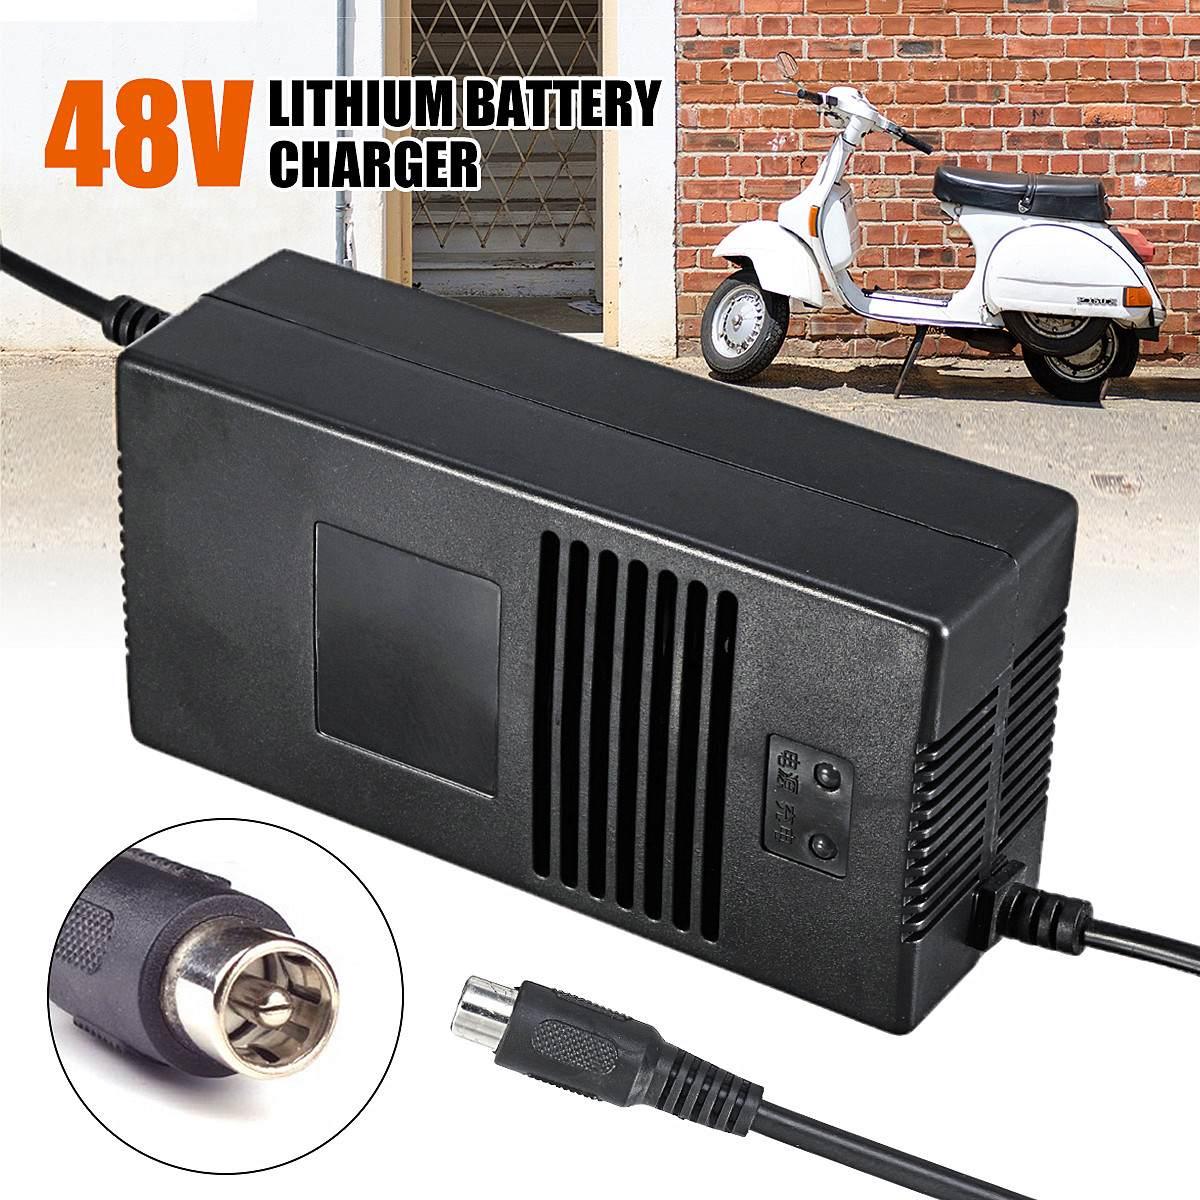 Haute qualité 54.6 V 2A pack connecteur chargeur électrique vélo batterie au lithium chargeur pour batterie au lithium 48 V 2A